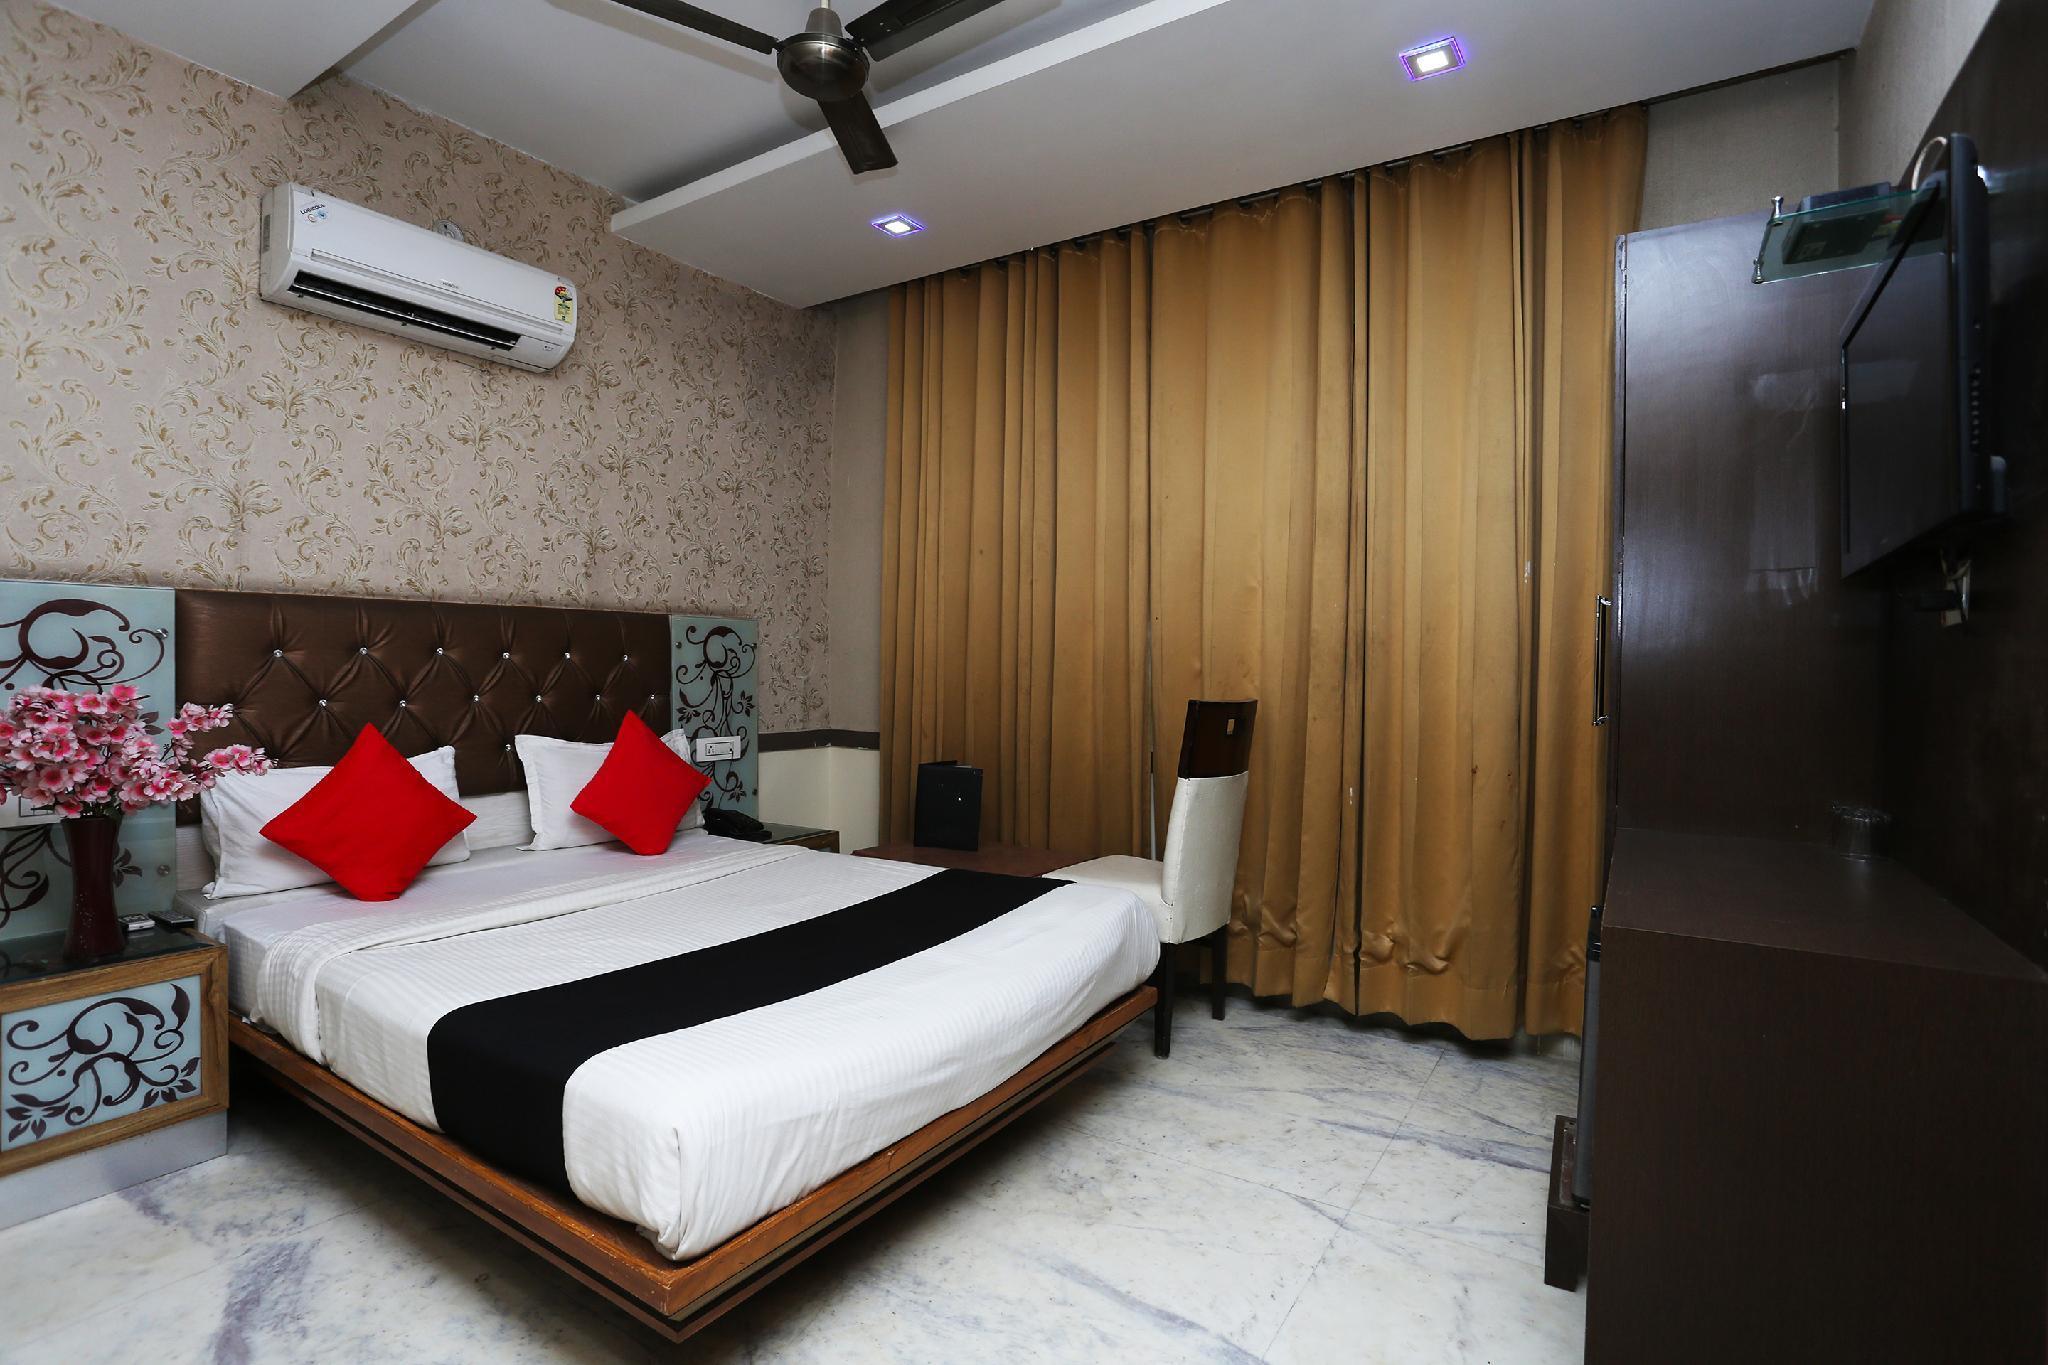 Capital O 2850 Hotel Saffron